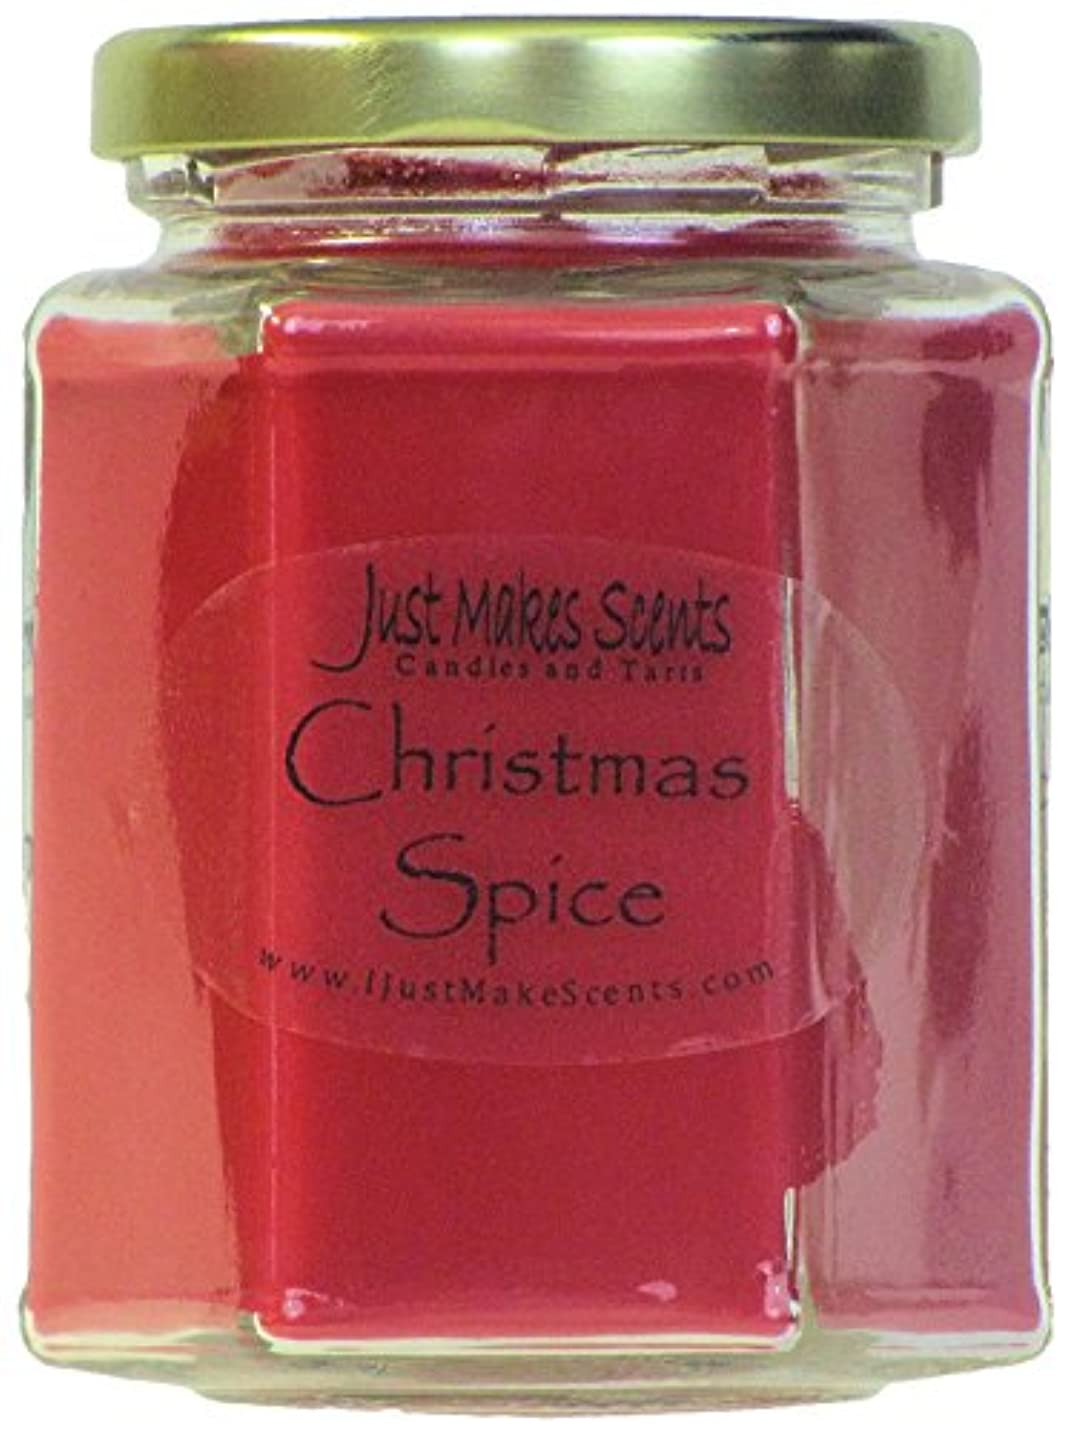 排泄物呼吸するわずかにクリスマスSpice香りつきBlended Soy Candle by Just Makes Scents 1 Candle レッド C02009HRDD